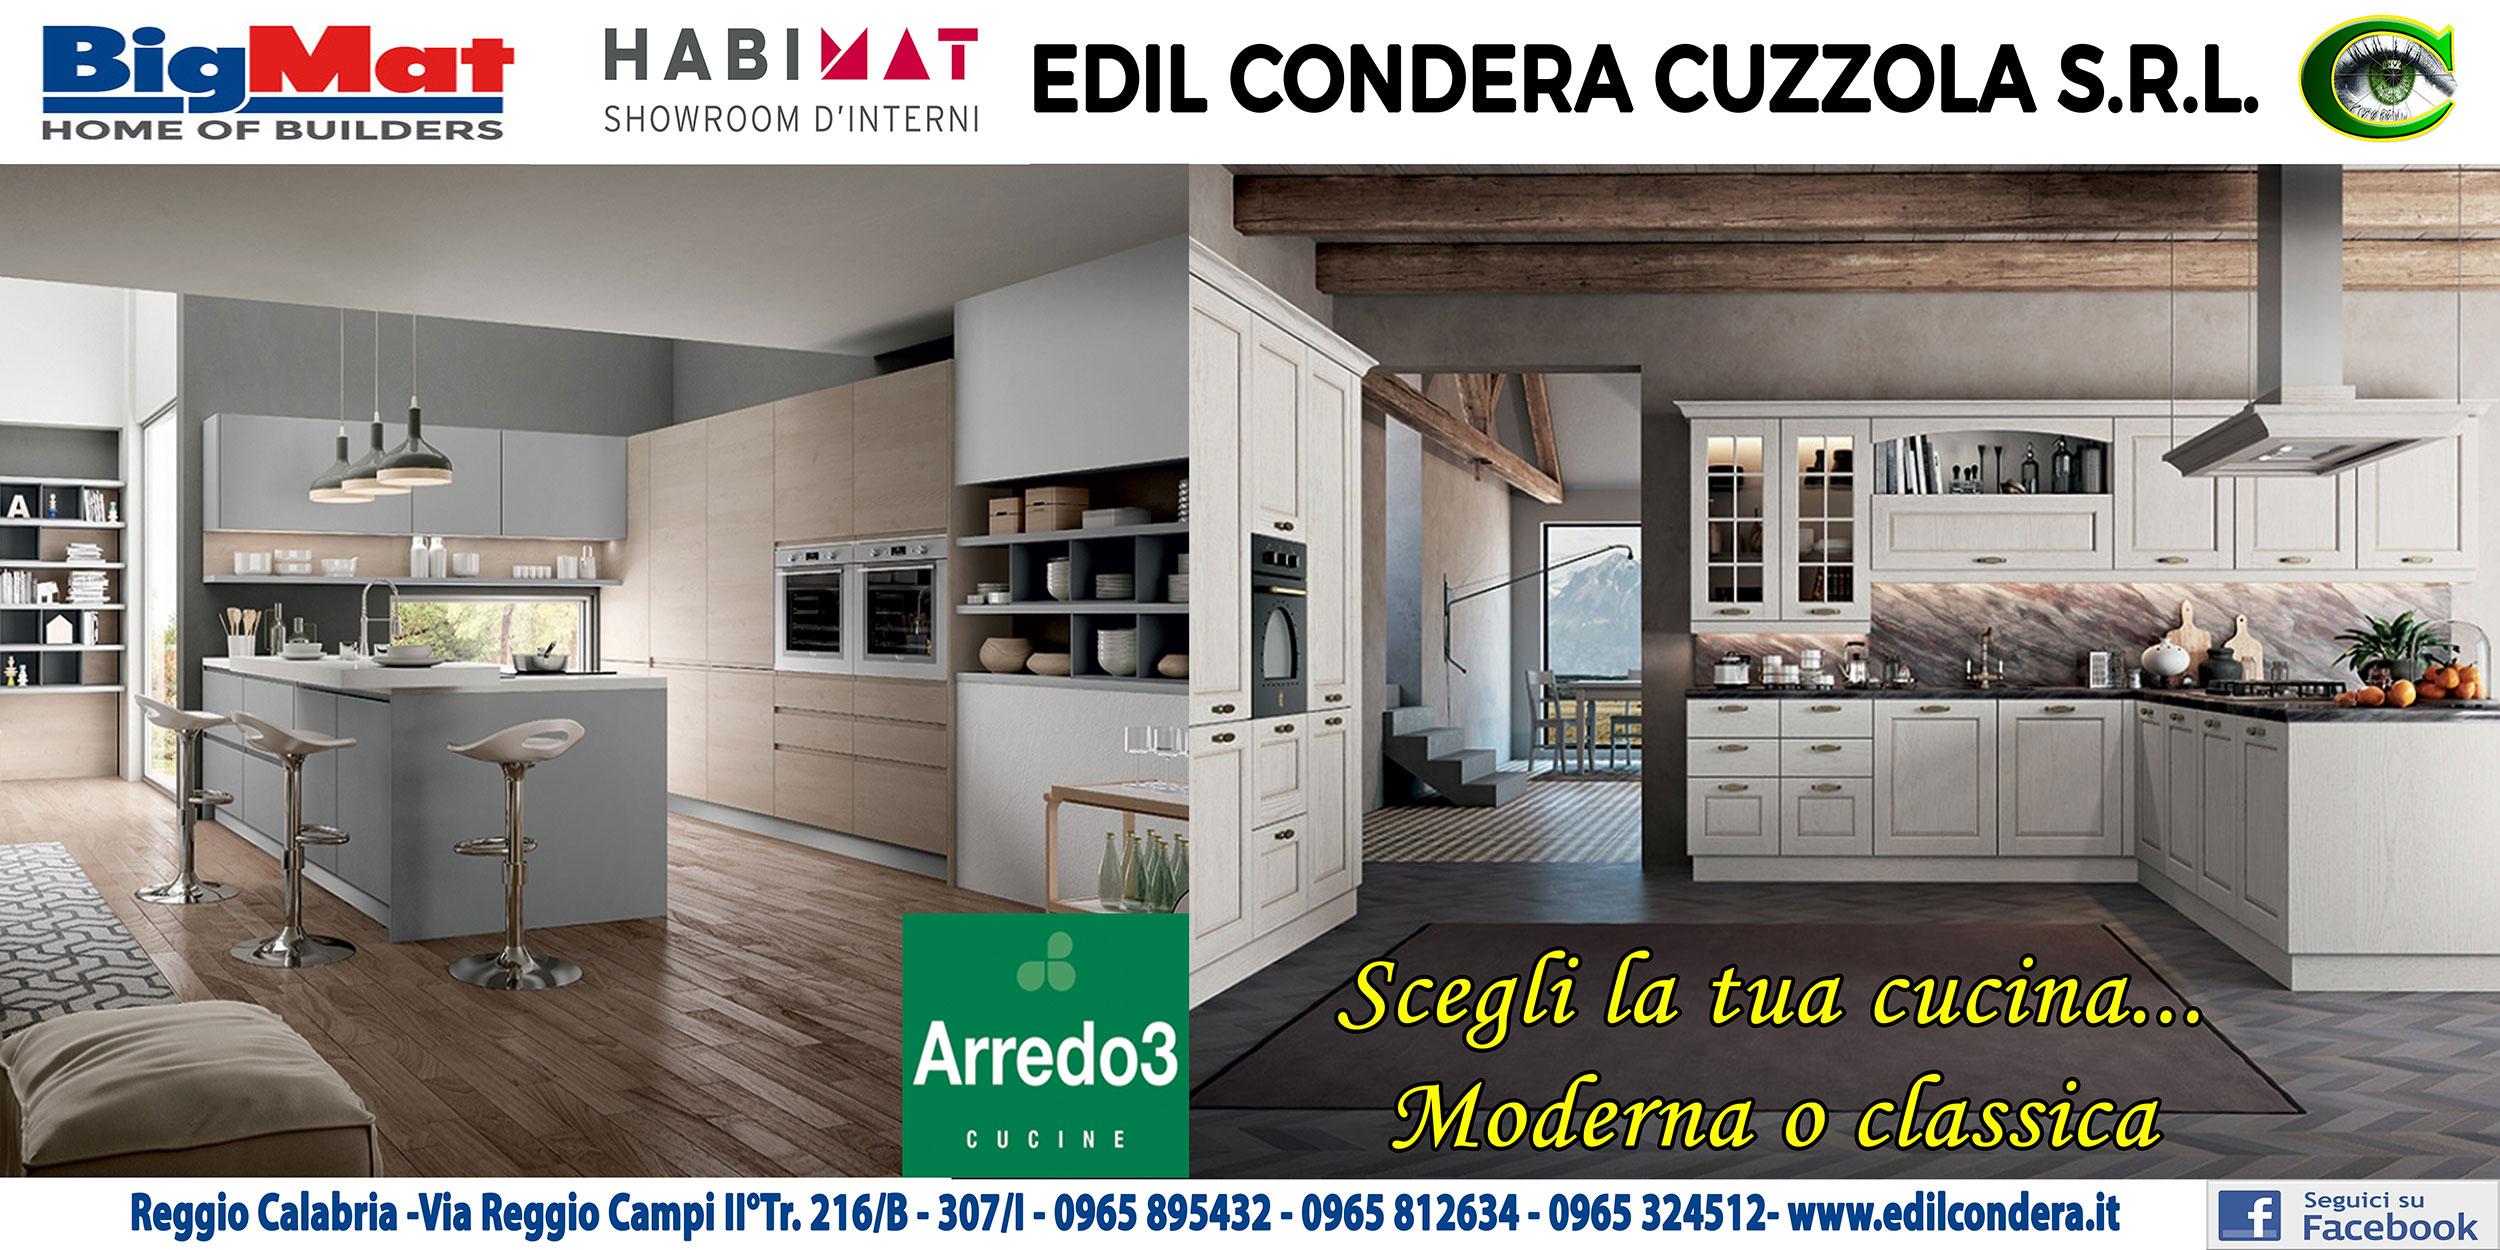 Cucine Usate Reggio Calabria.Edil Condera Cuzzola Srl